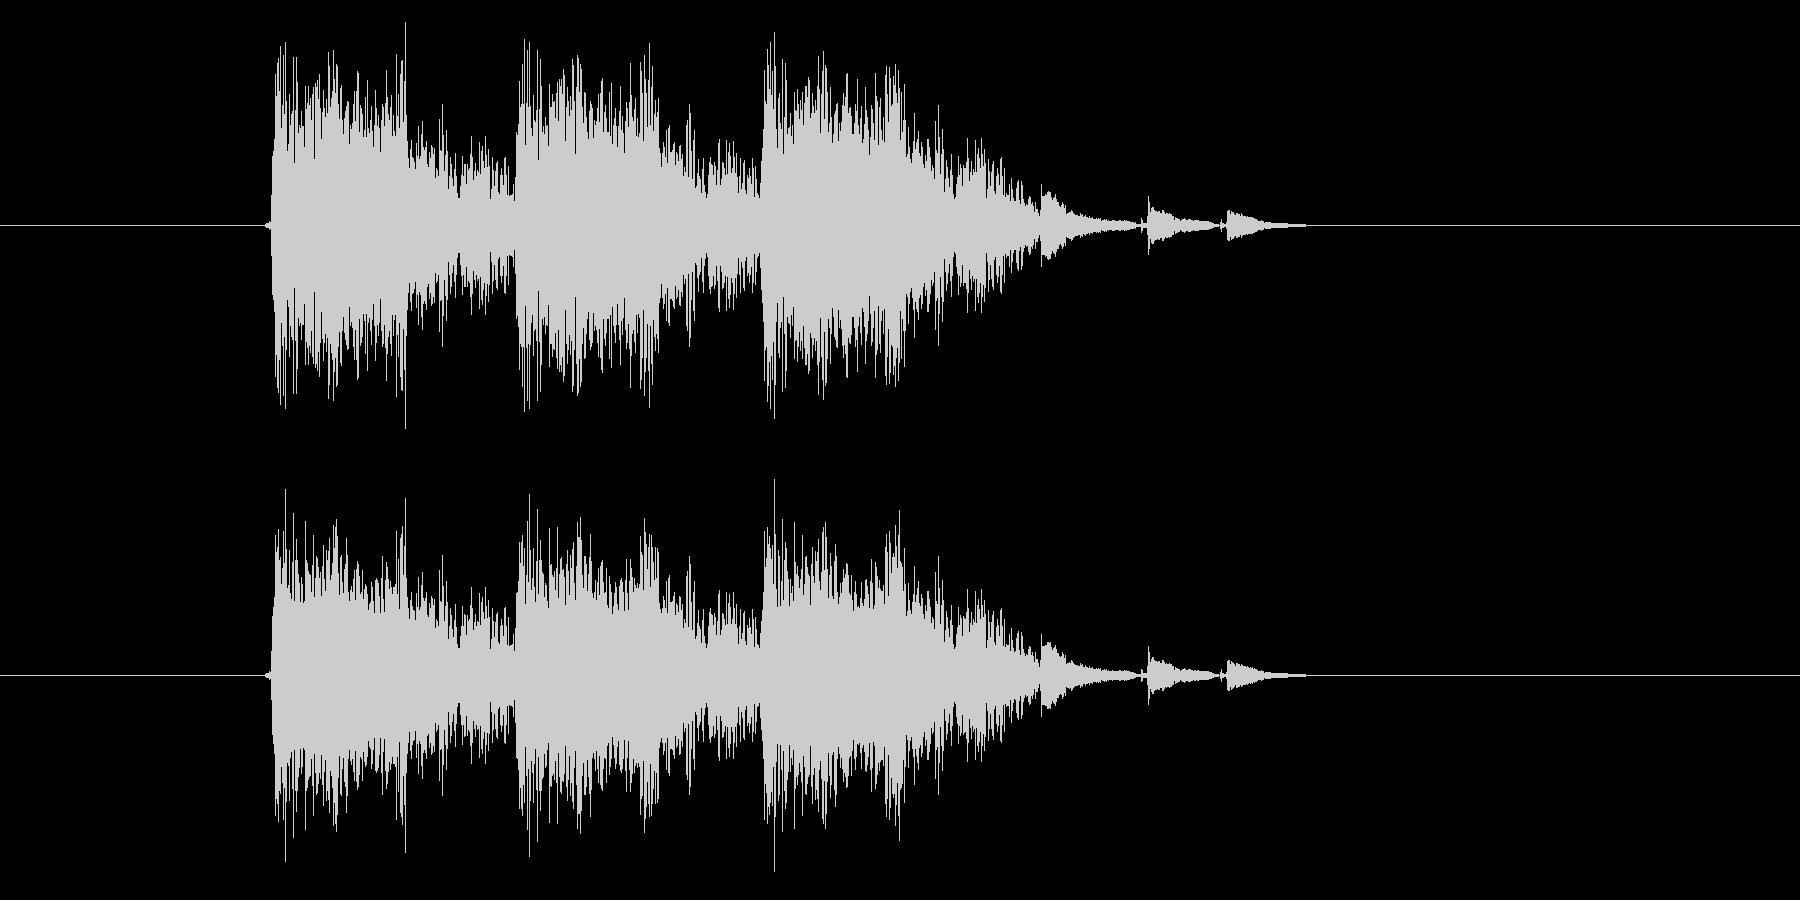 激しいポップスサウンド(番組、ジングル)の未再生の波形